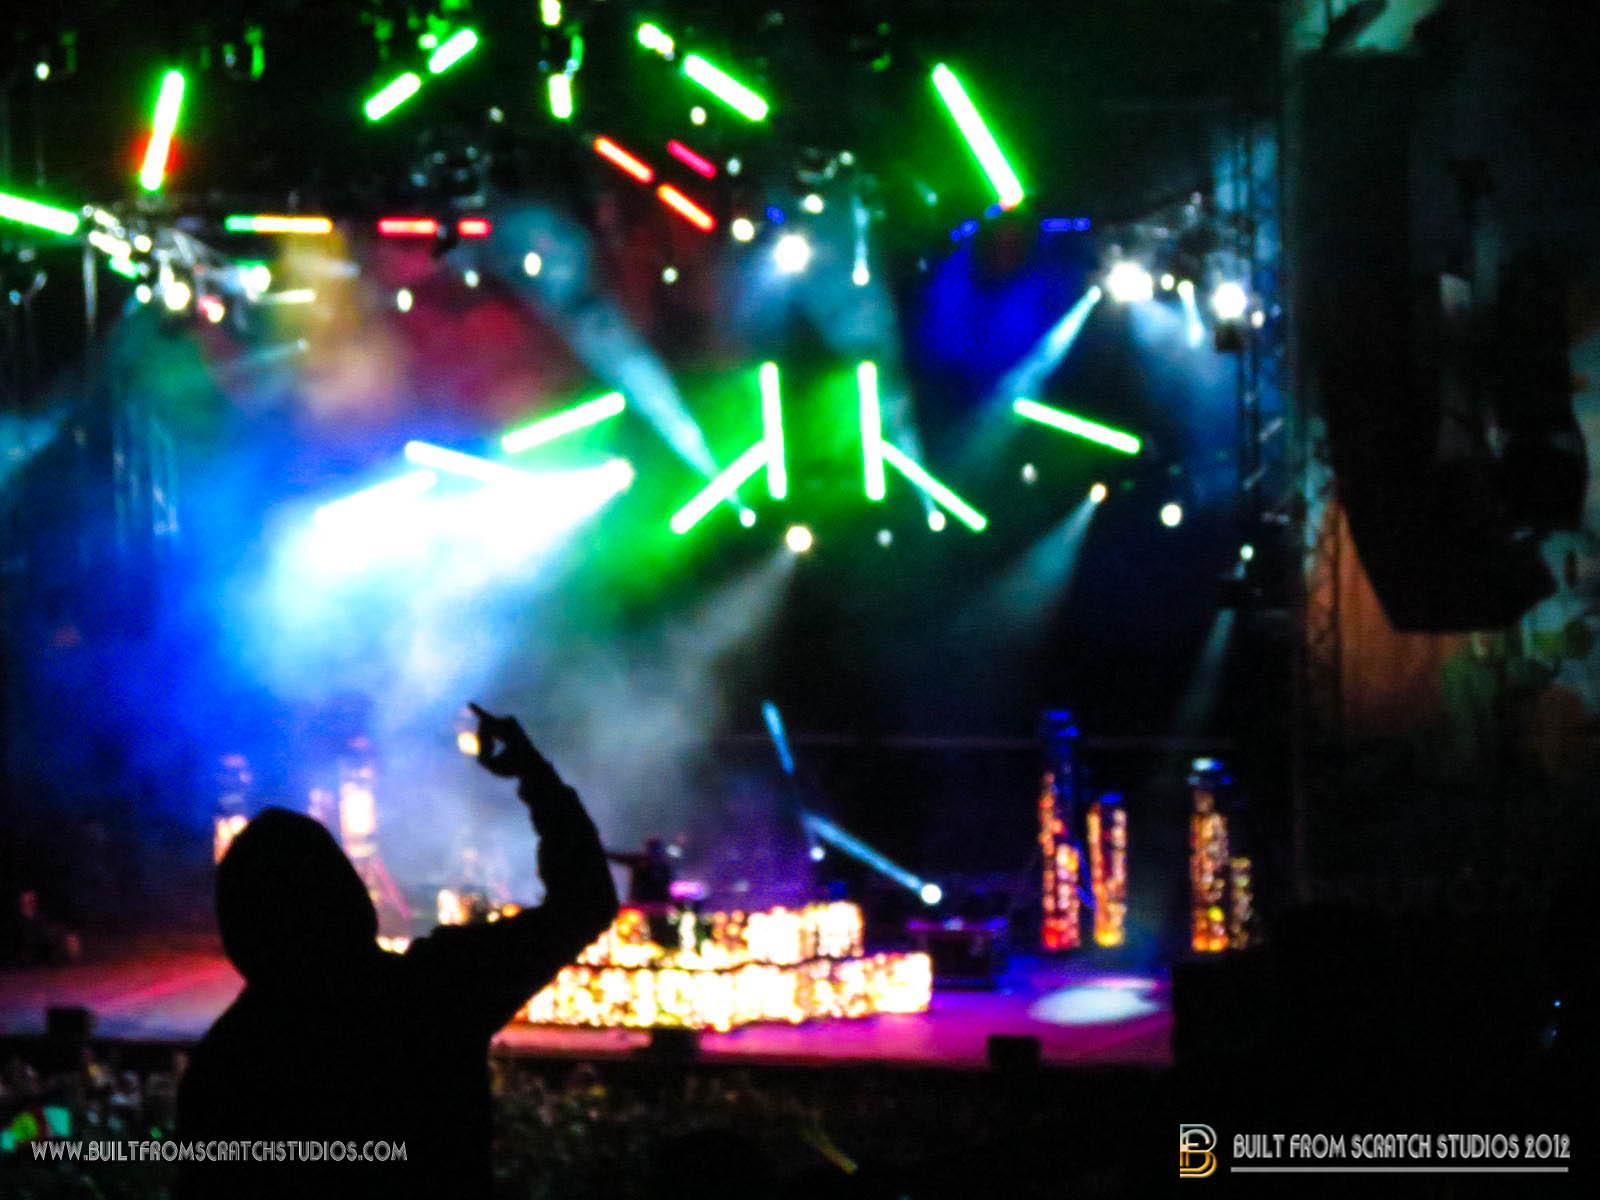 Built From Scratch Studios- Festivals 2012-2-3.jpg